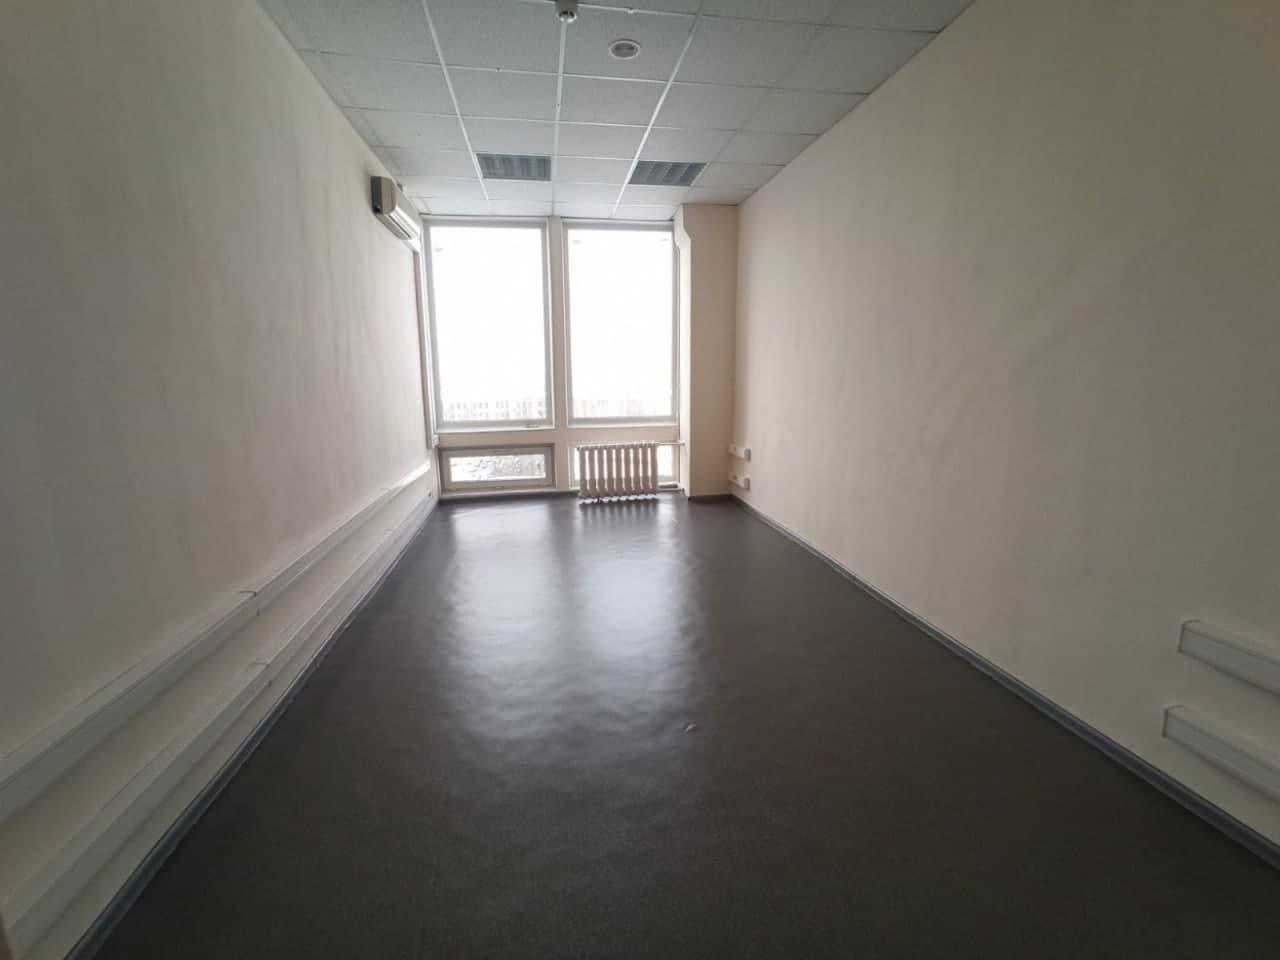 Офис, W-6223924, Липкивского Василия (Урицкого), 45, Киев - Фото 2